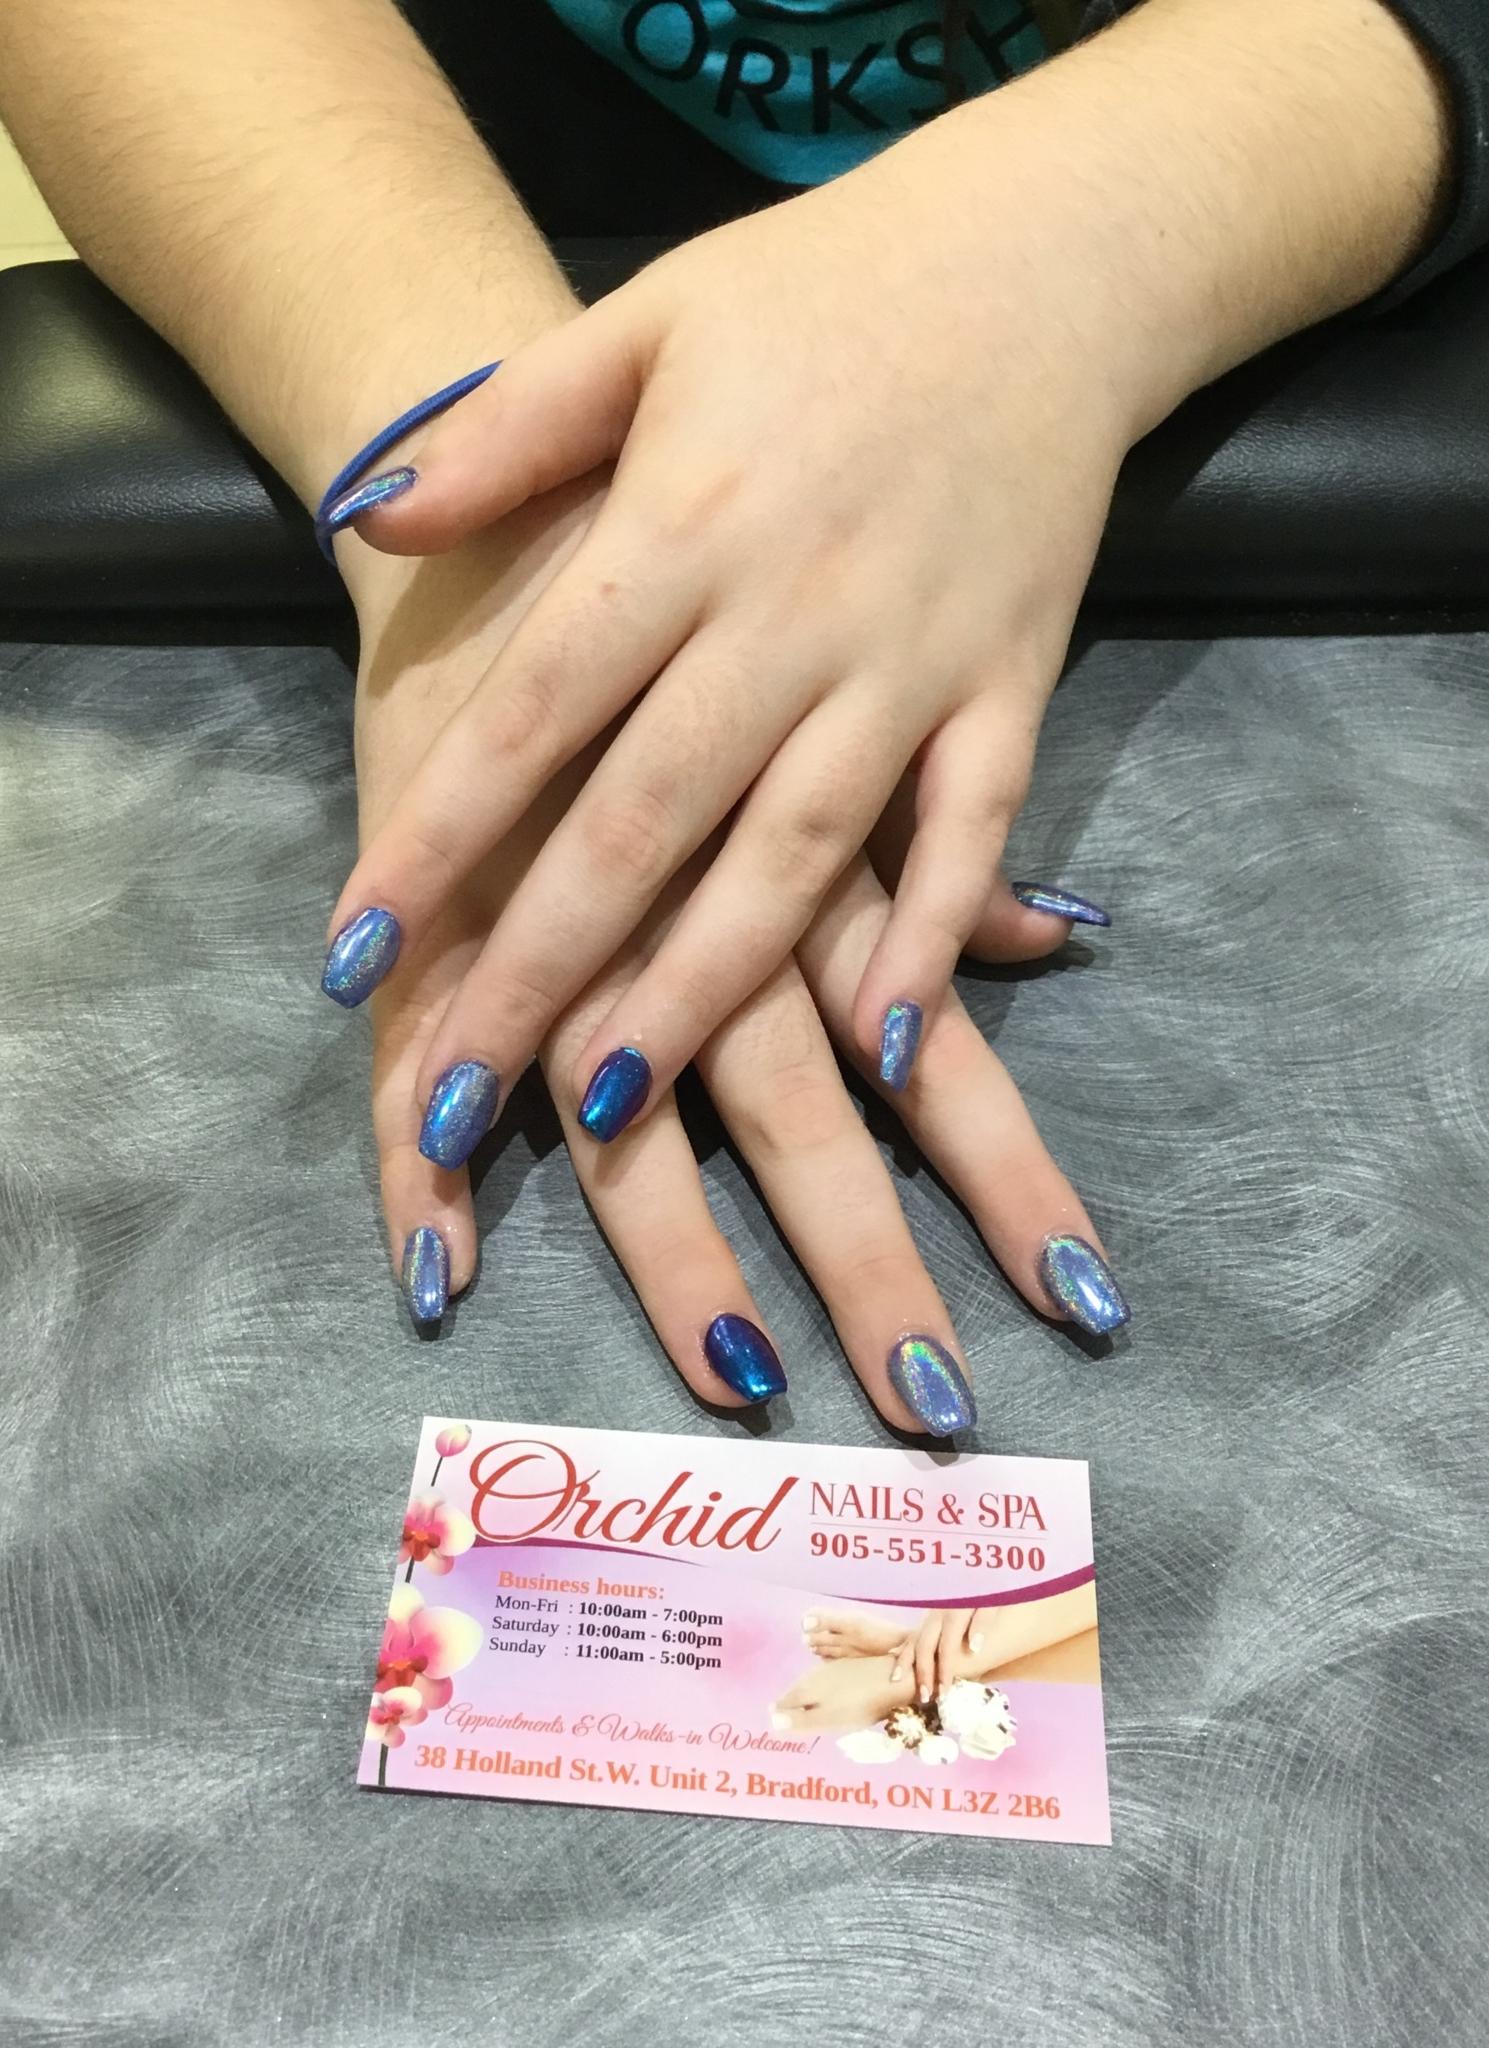 Cozy nails spa toronto nail ftempo for Nail salon marylebone